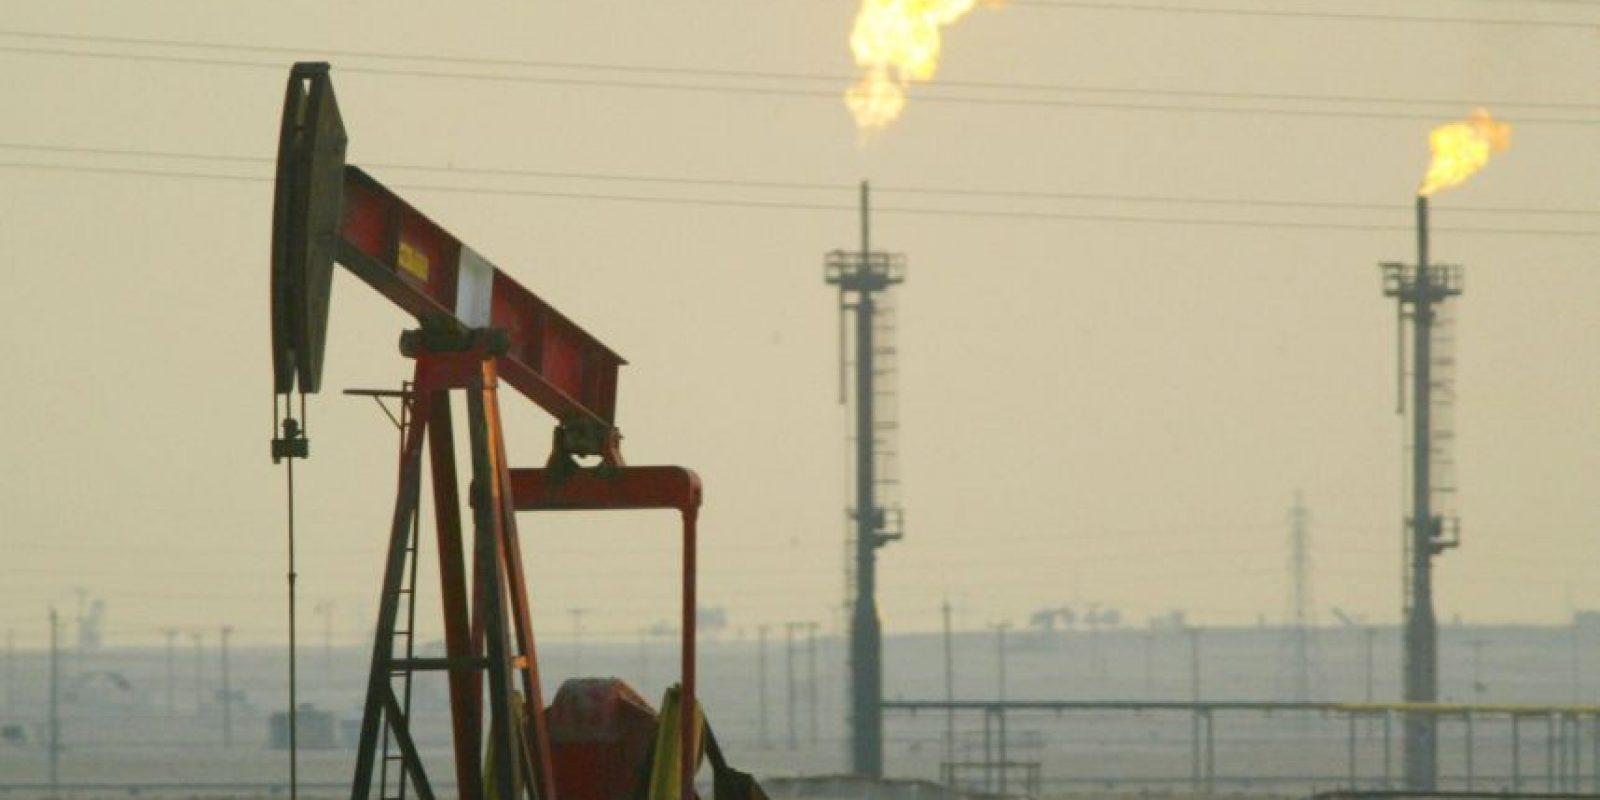 Actualmente el precio promedio del barril de petróleo es de 50 dólares Foto:Getty Images